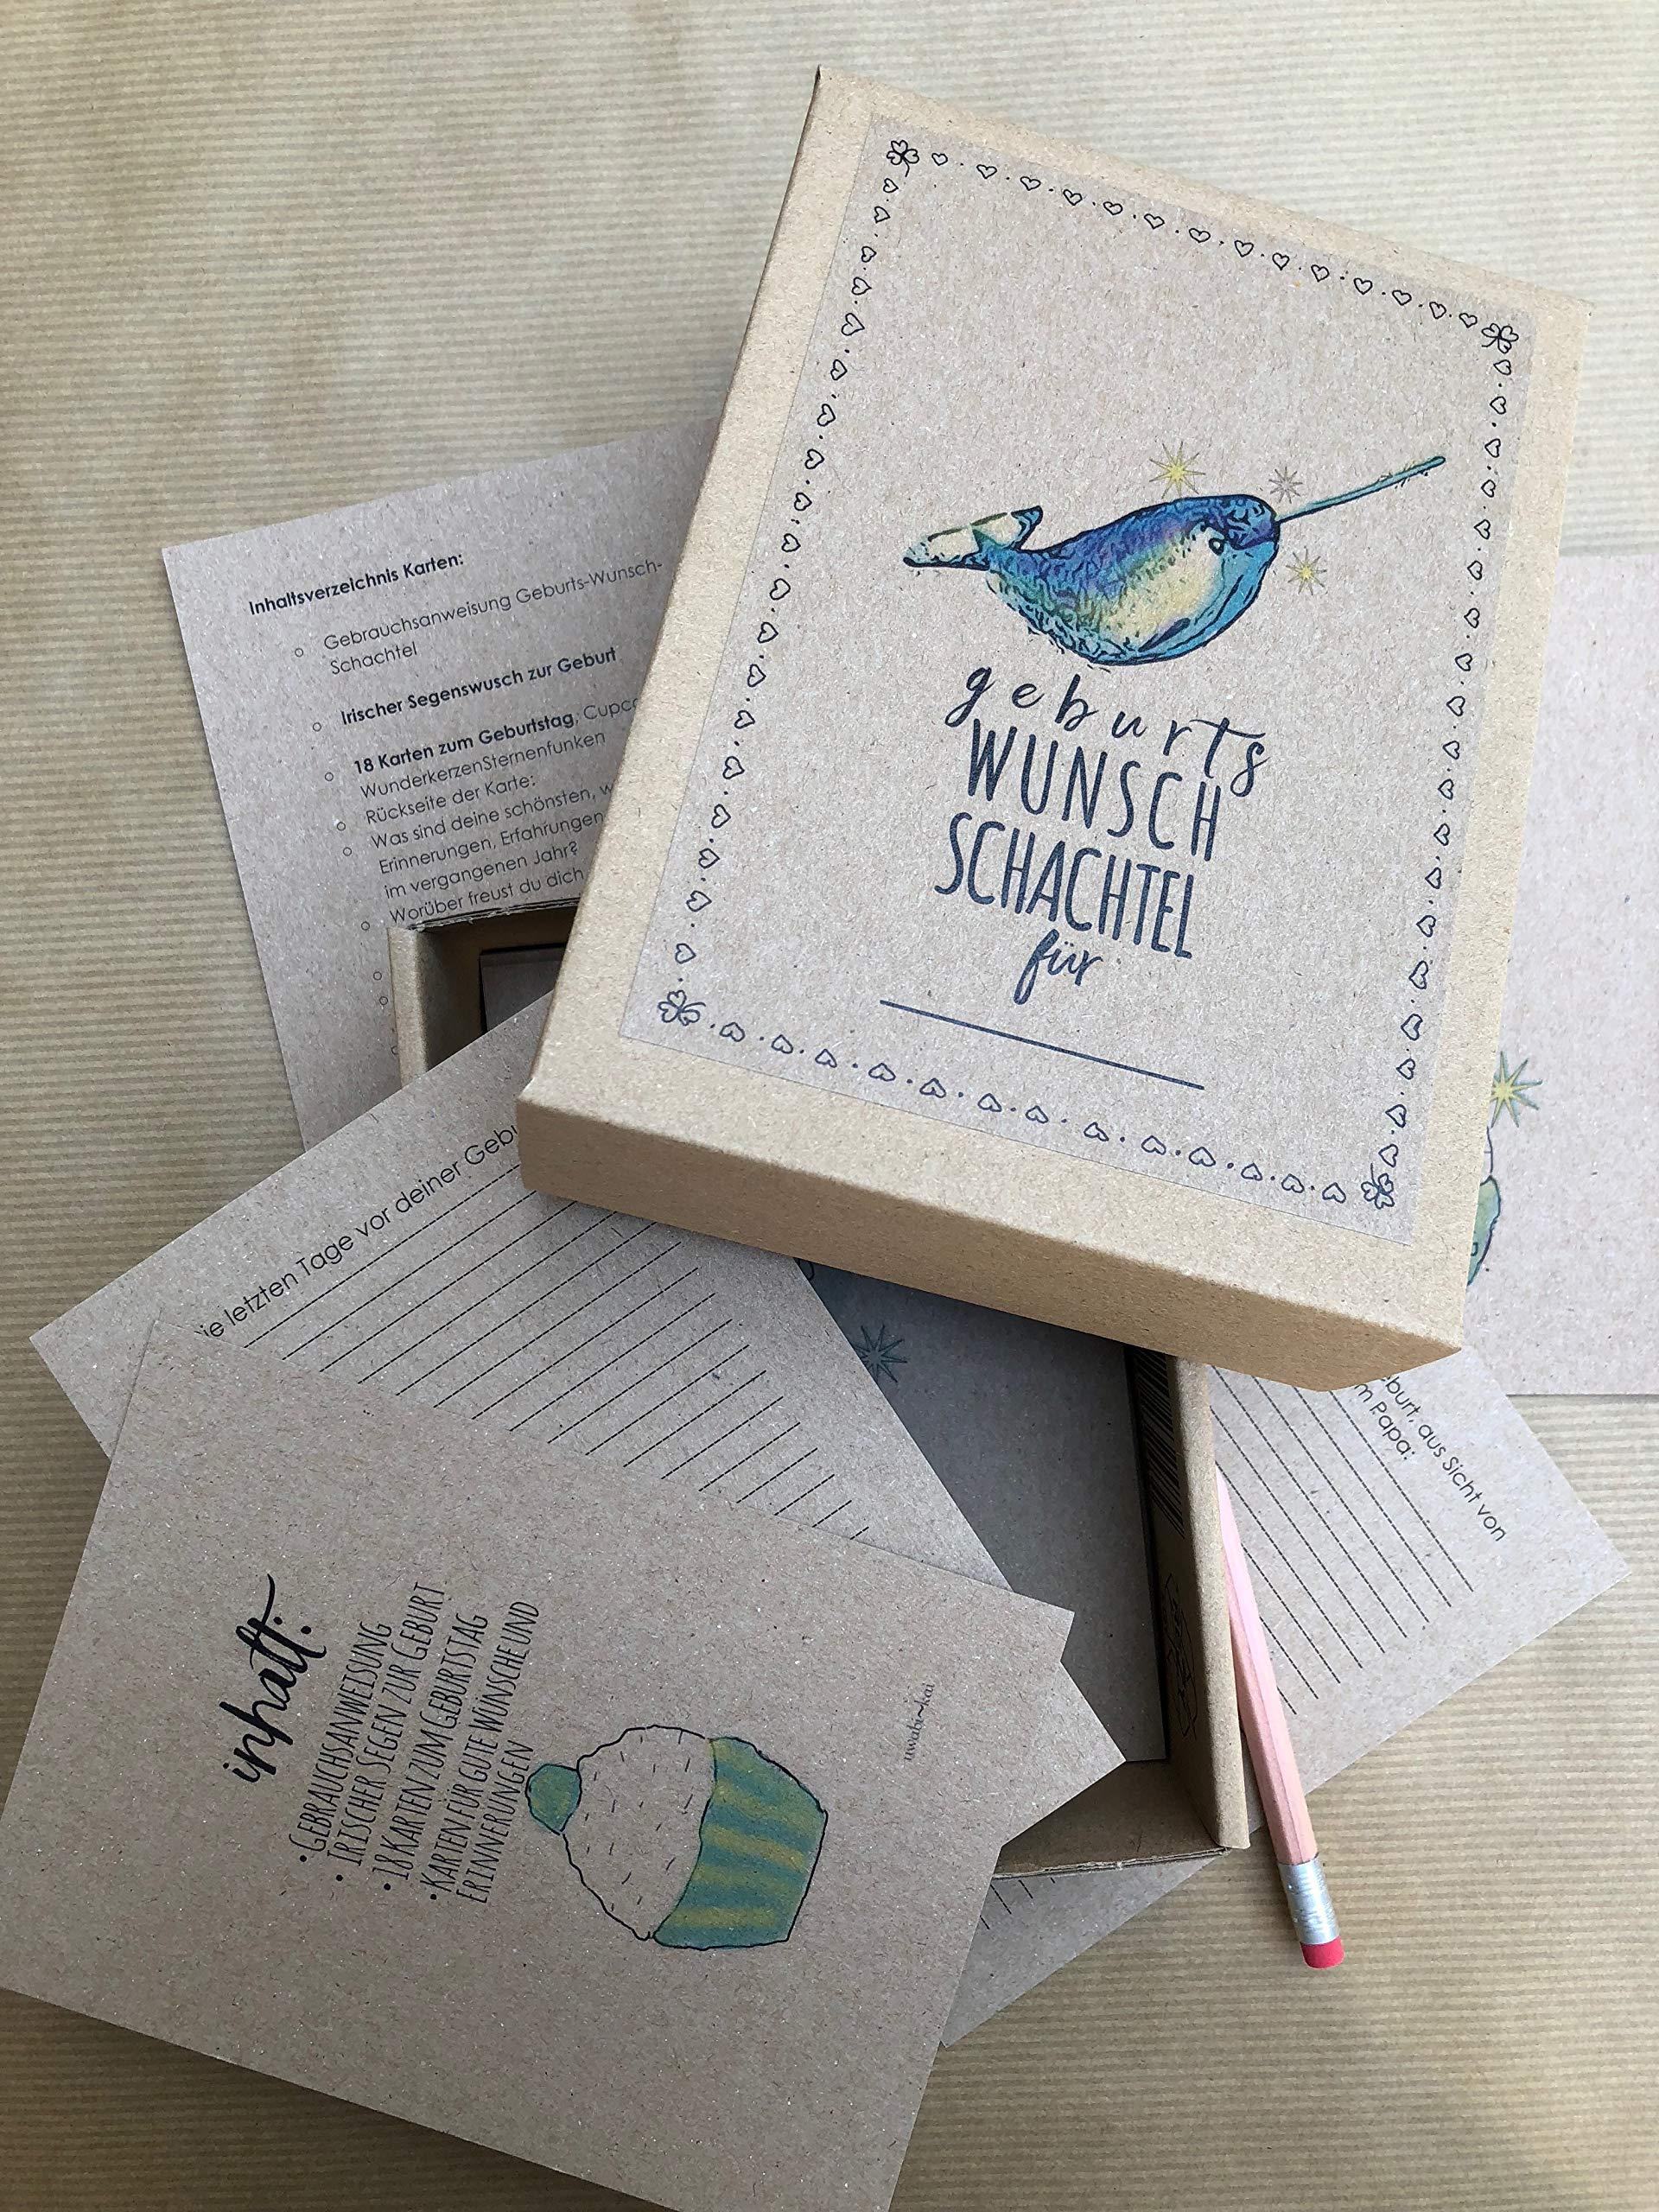 Geburts Wunsch Schachtel Narwal 61 hochwertige Geburtstagskarten in einer liebevoll gestalteten Box